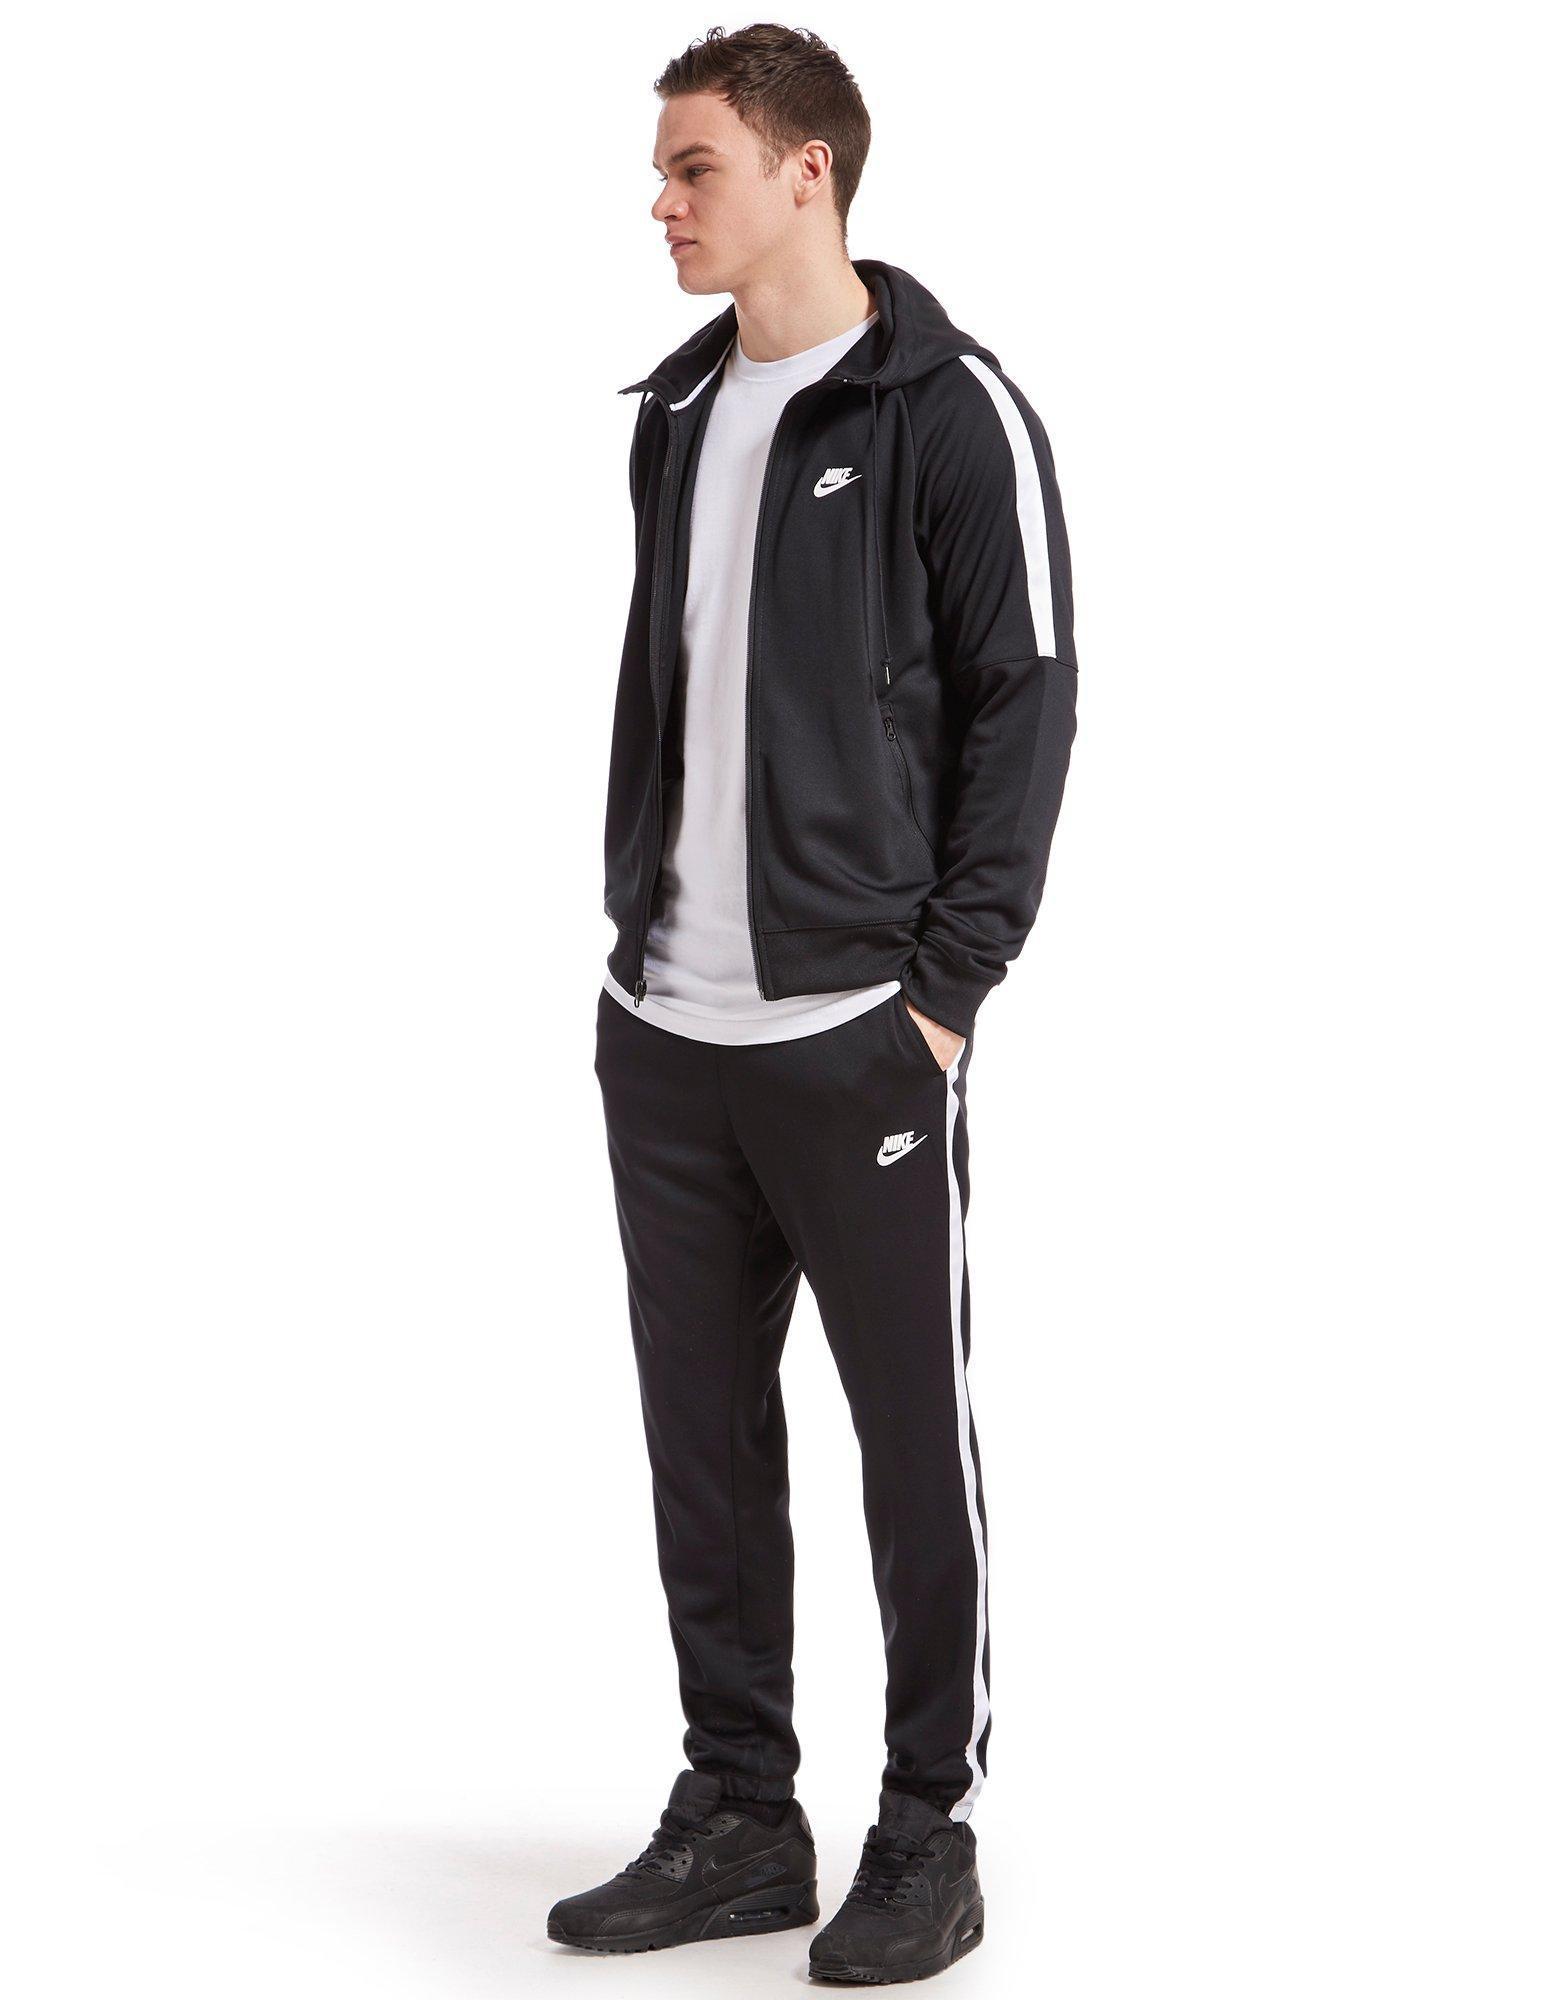 Nike Tribute Full Zip Poly Hoody in Black for Men - Lyst 334572431